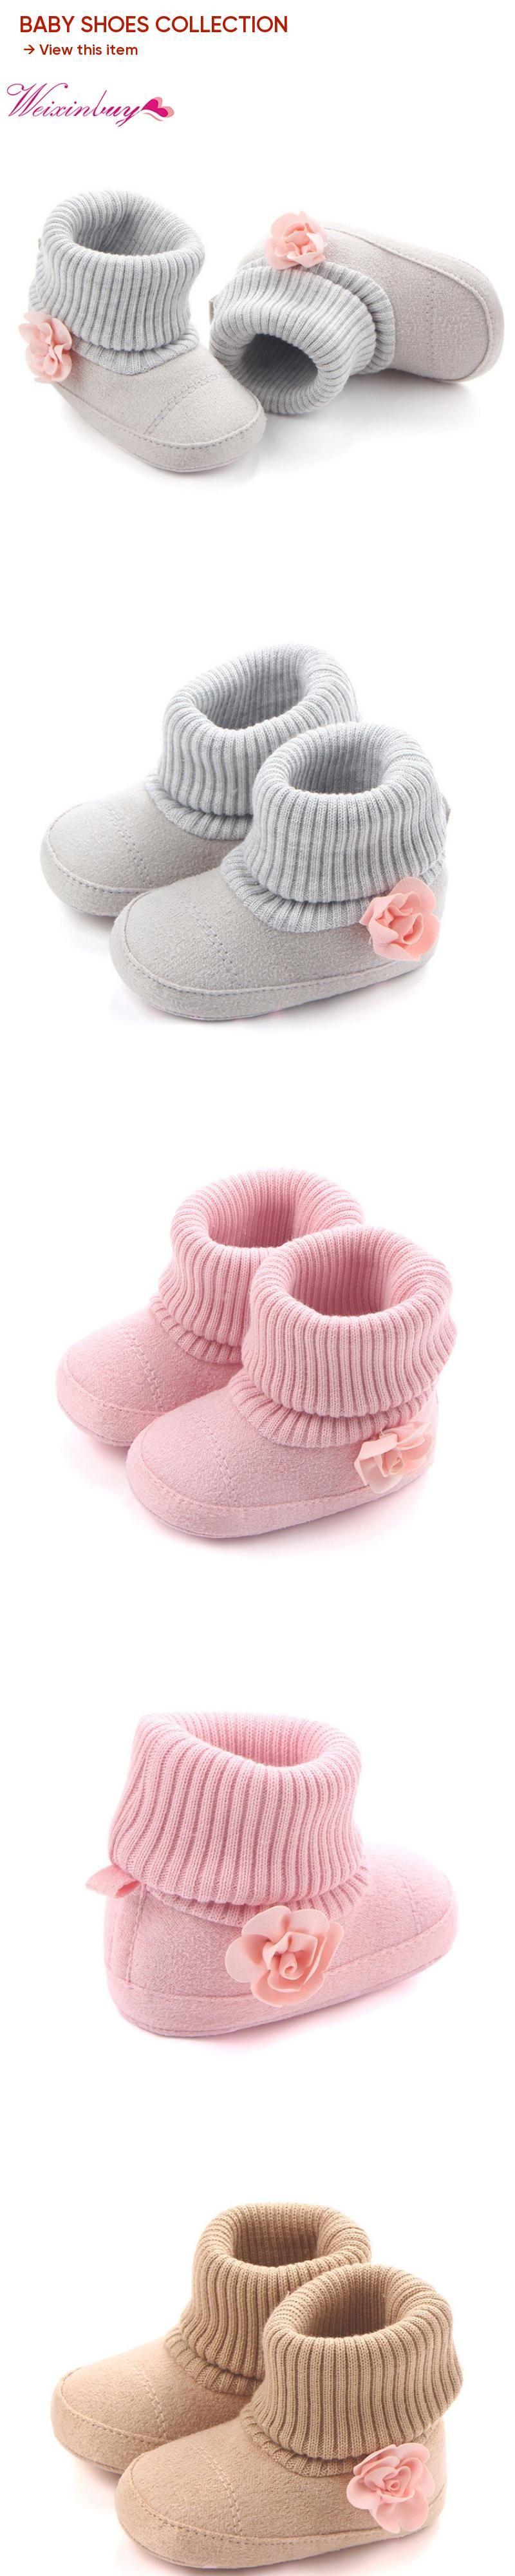 c94ec2679 Winter Warm Baby Shoes Autumn Crib Pram First Walkers Kids Newborn ...